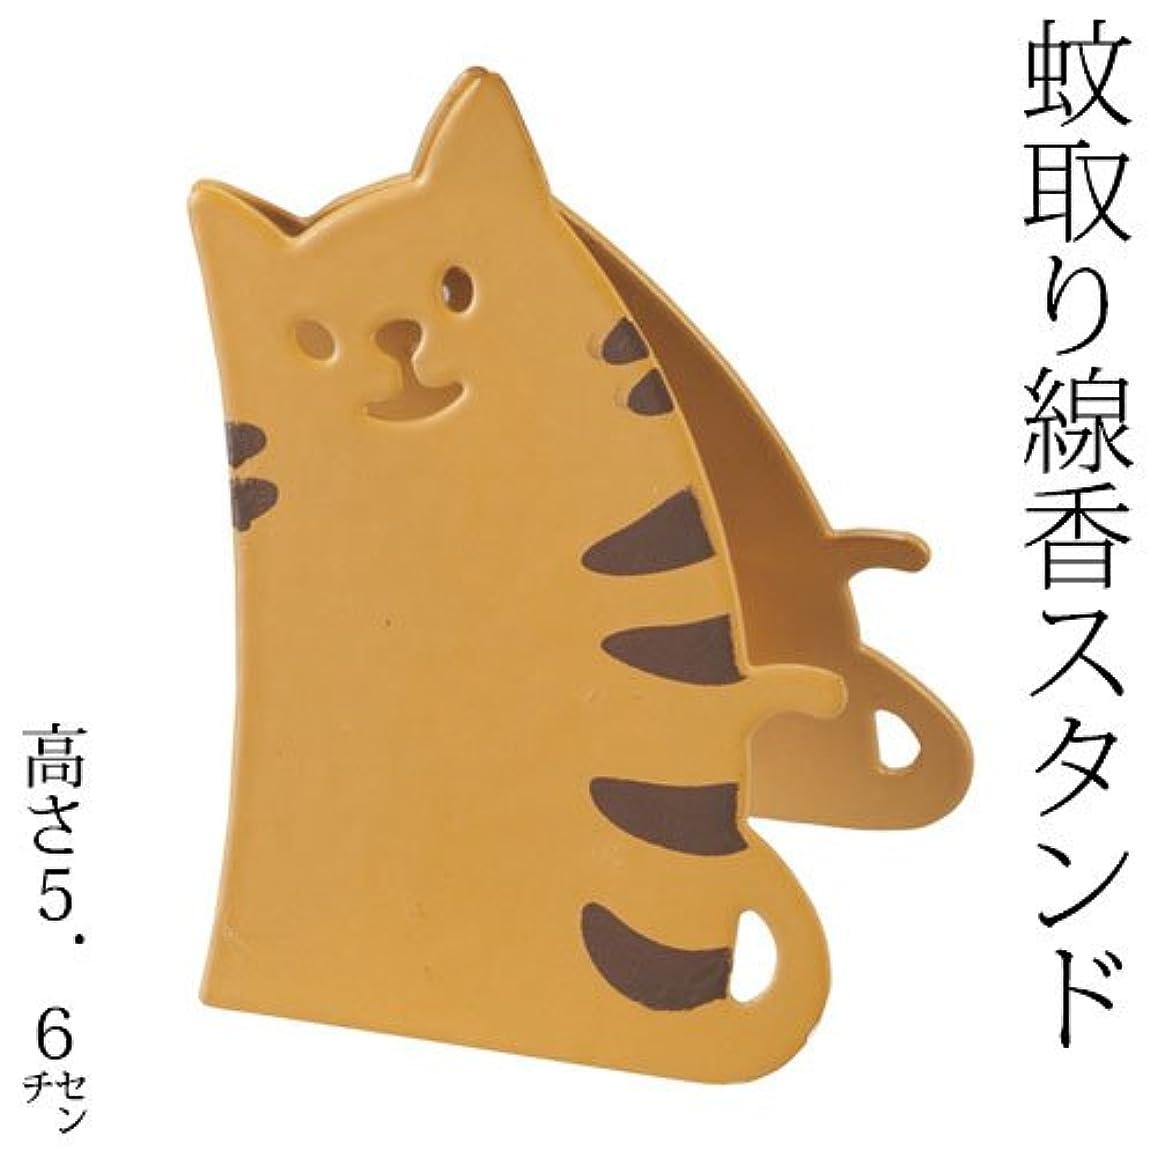 うねるモバイル弾丸DECOLE蚊取り線香クリップスタンドトラ猫 (SK-13936)Mosquito coil clip stand